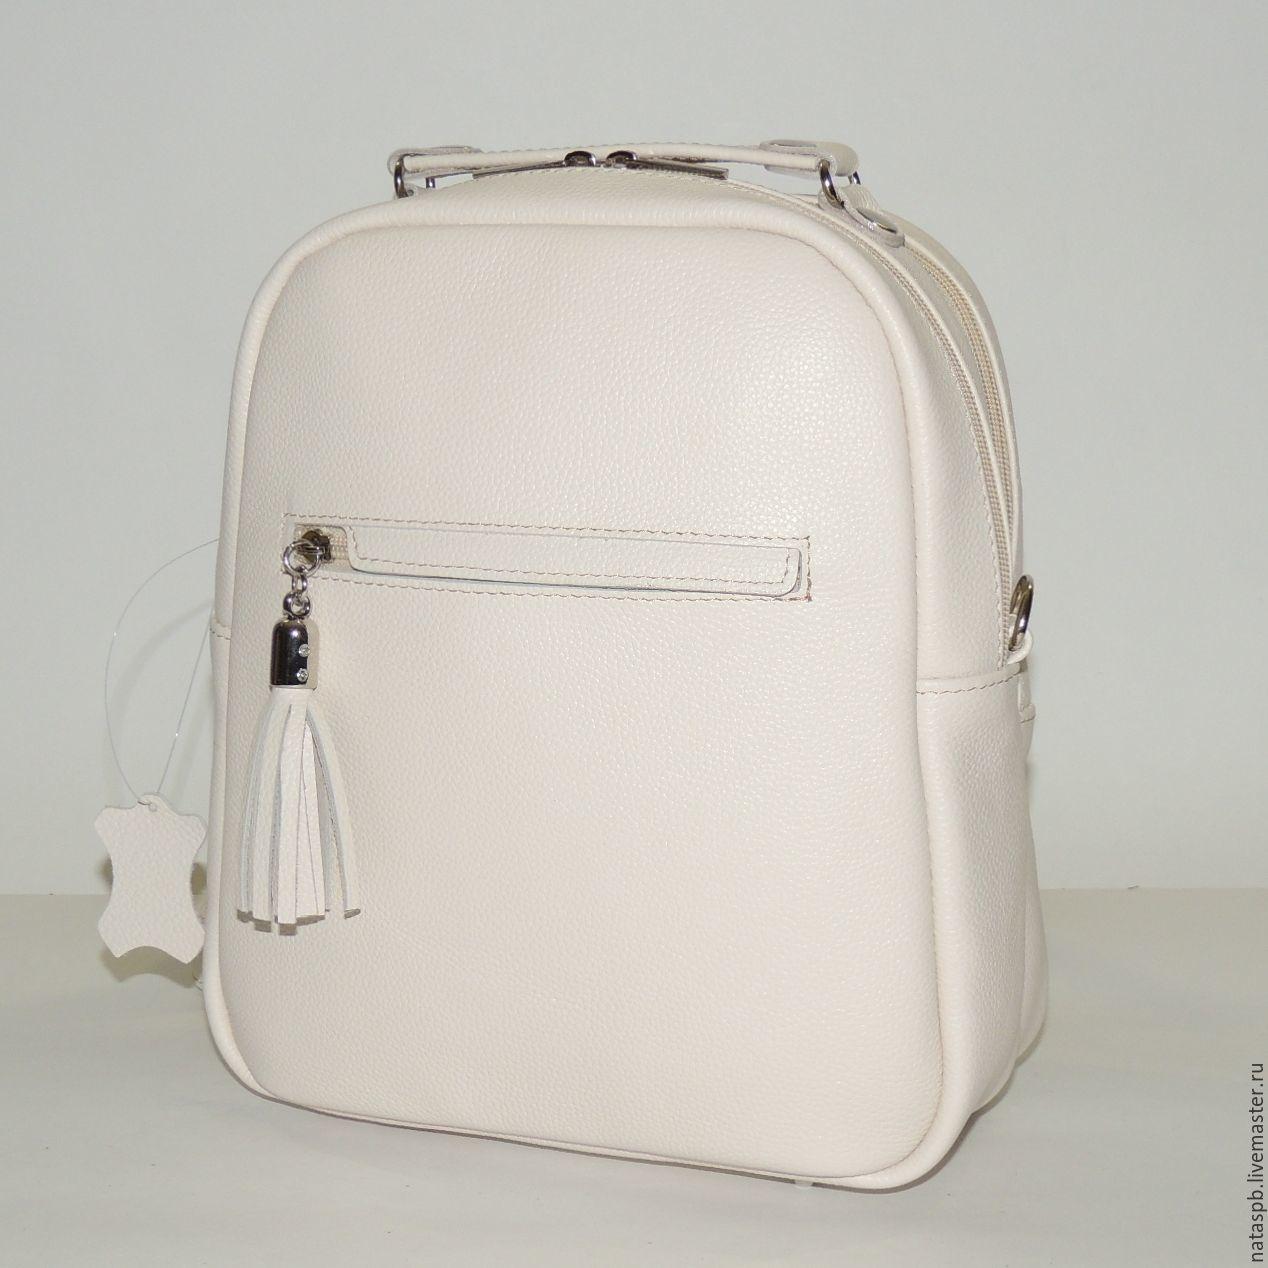 1d025ba035f0 Backpack leather women s beige